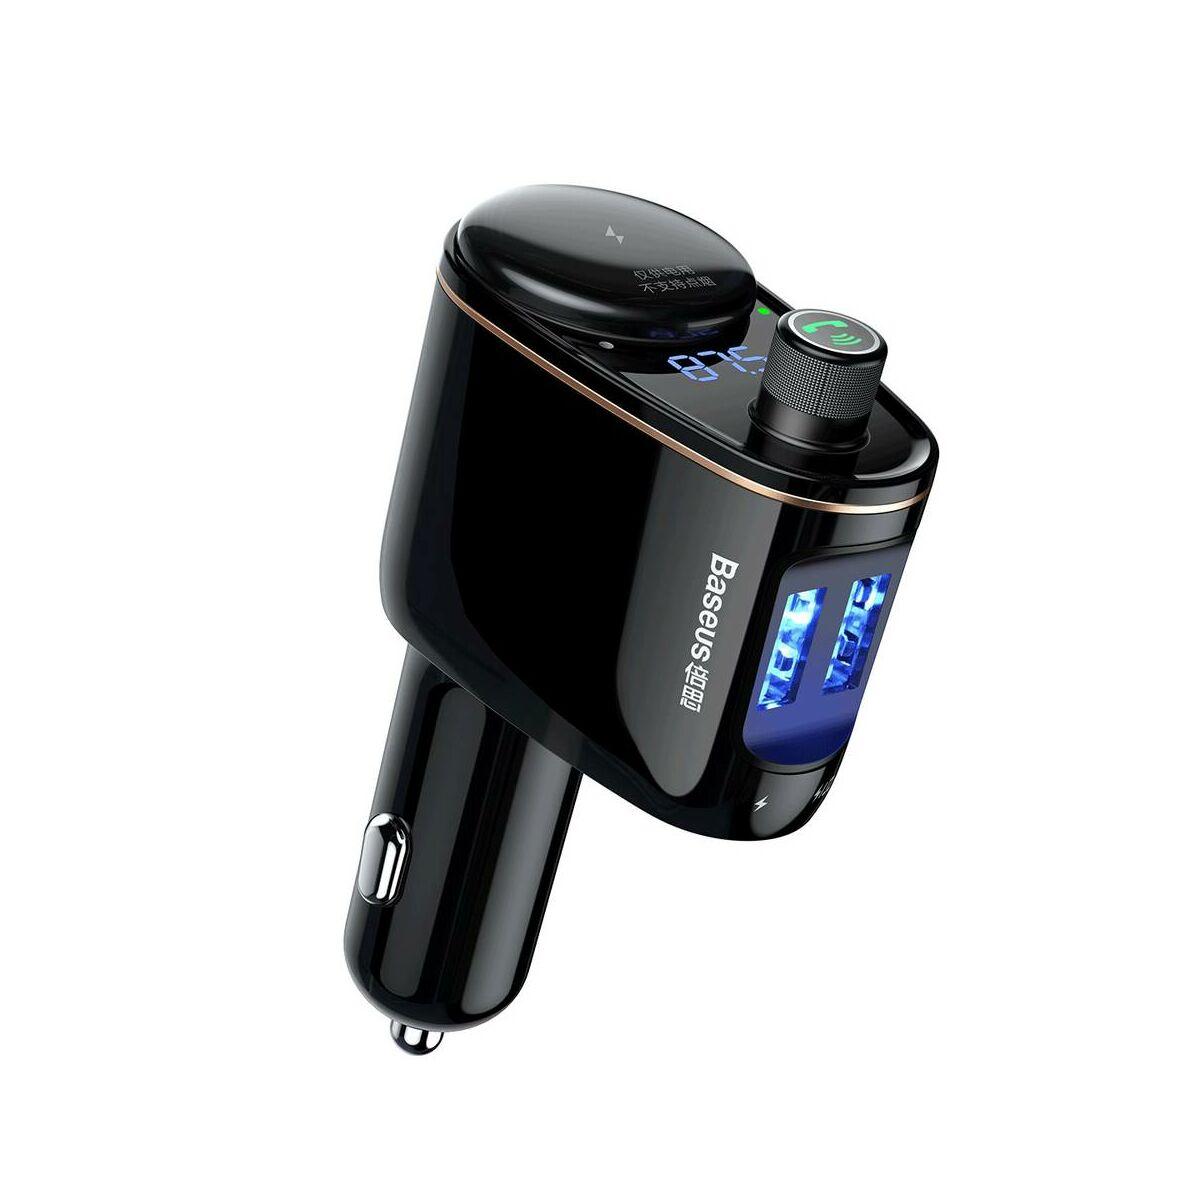 Baseus autós töltő, Bluetooth Fm Transzmitter, Locomotive, 3.4A, fekete (CCALL-RH01)